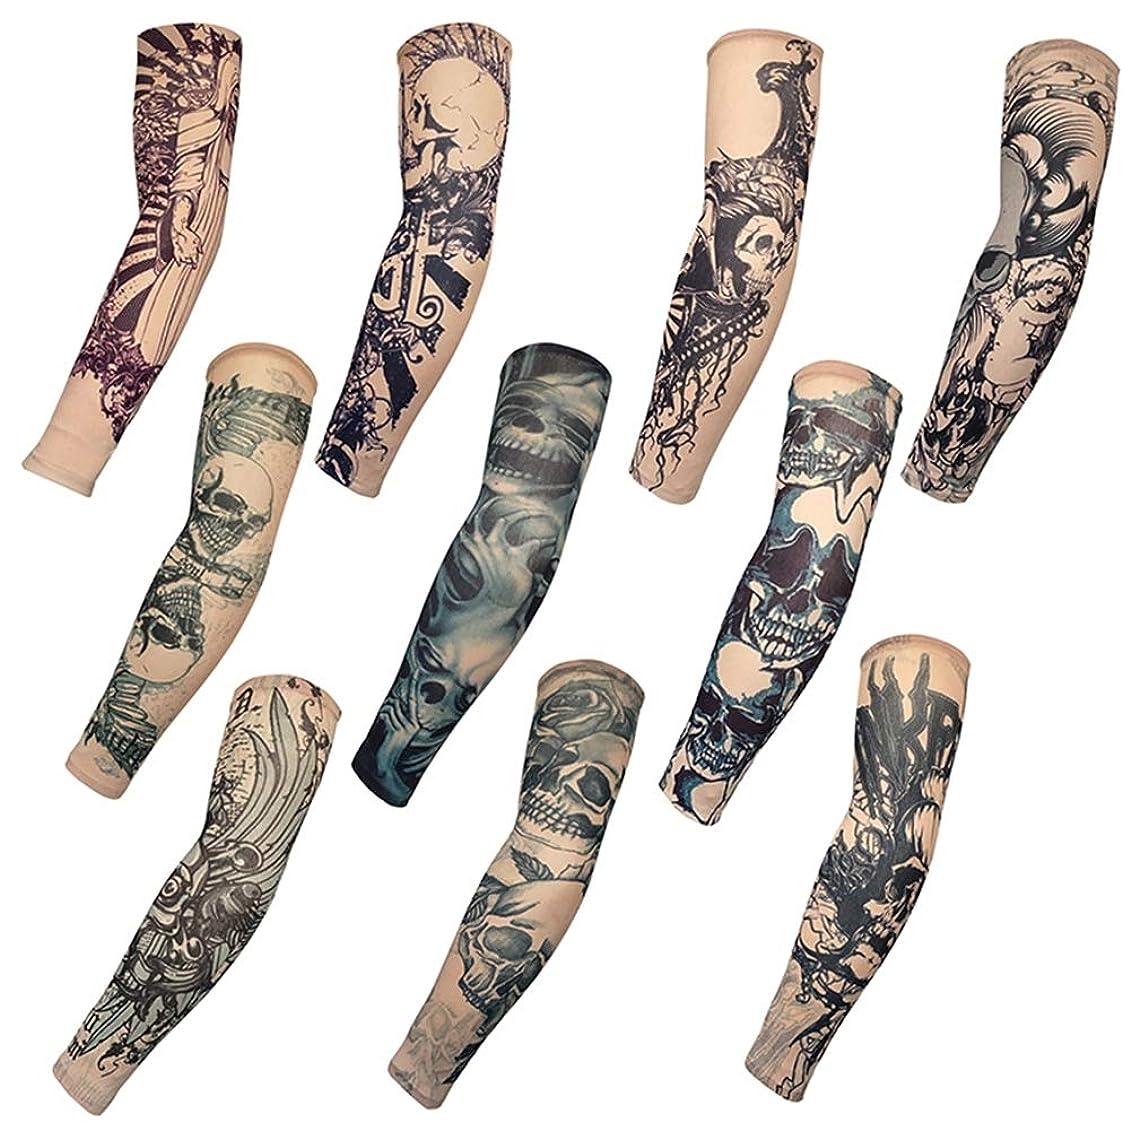 ピースハック一掃する10ピースタトゥースリーブフェイクタトゥーアームカバー一時的な入れ墨日焼け止めスリーブボディアートアームプロテクター日焼け止め男性と女性,Skeleton